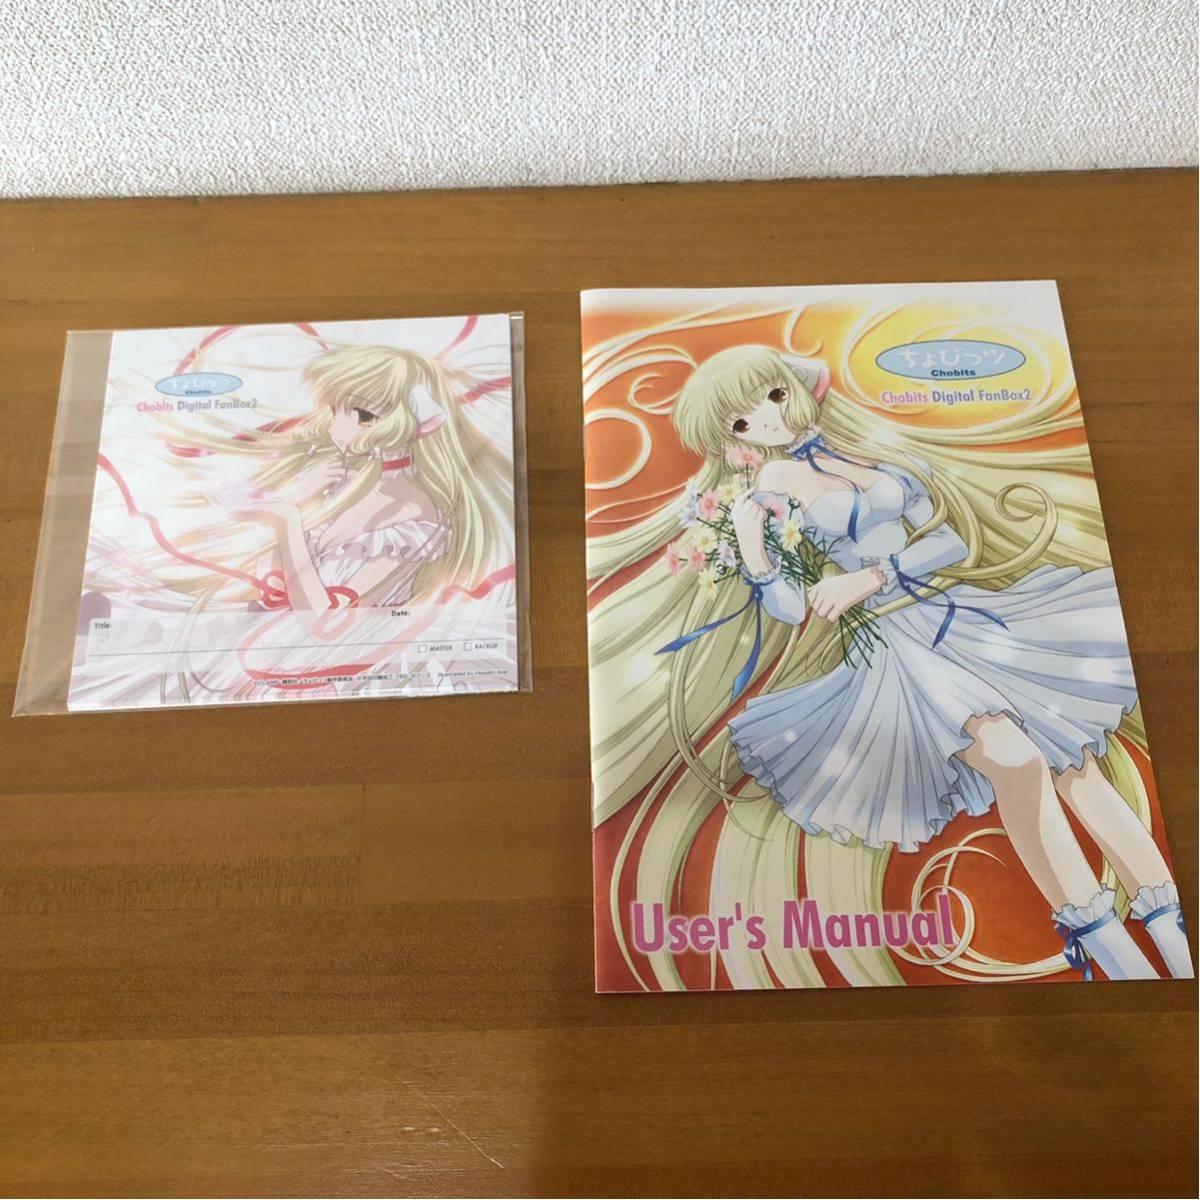 【未開封品あり】ちょびっツ デジタルファンボックス2_画像5